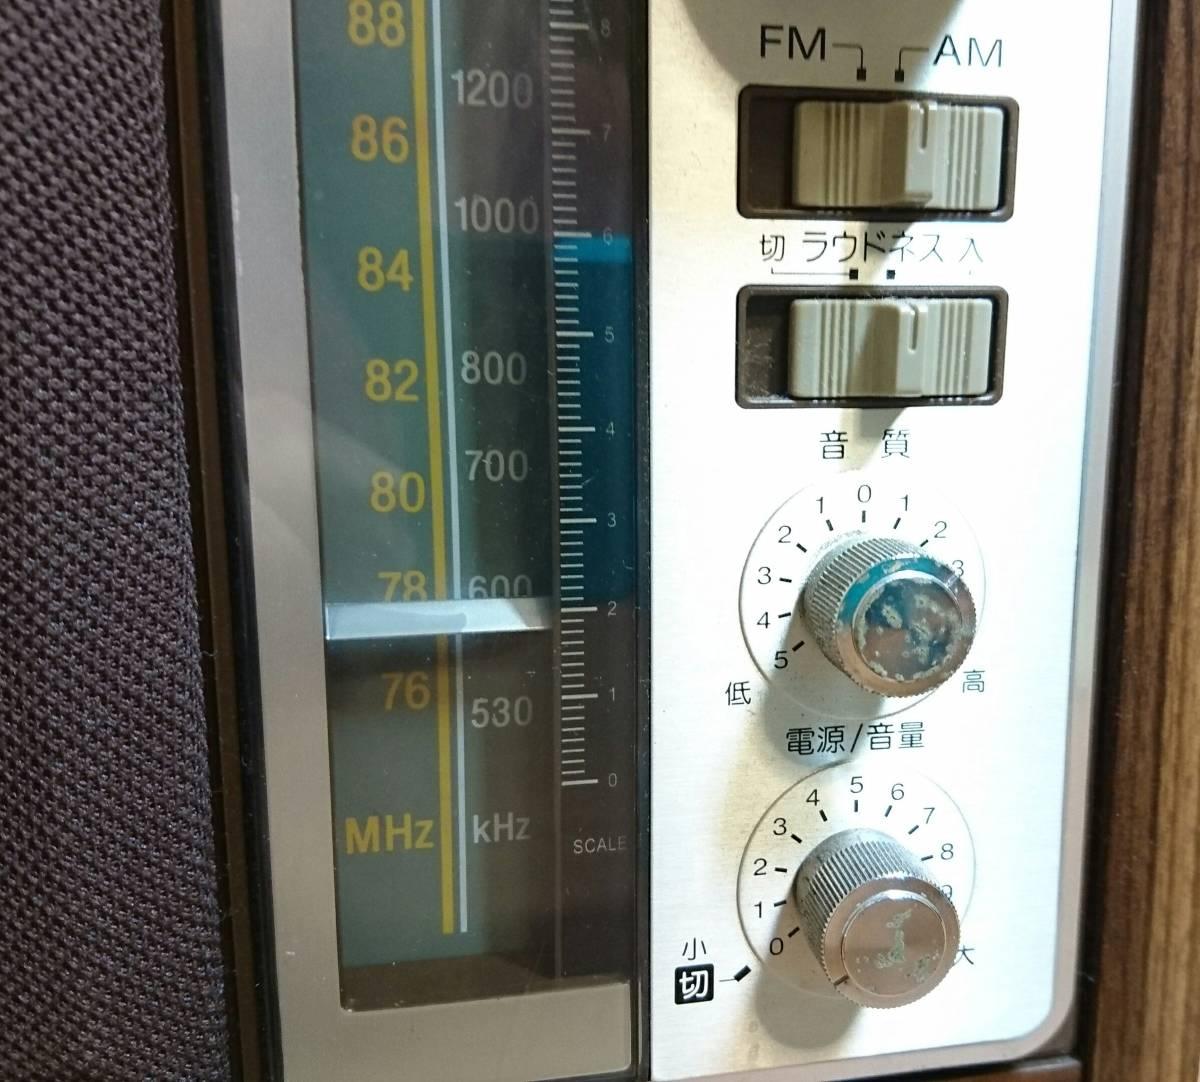 北①23 SONY ソニー ラジオ ICF-9740 AM NHK 受信可 通電確認 アンティーク オーディオ機器 保証なし 状態良好 レトロ ラジオ_画像3